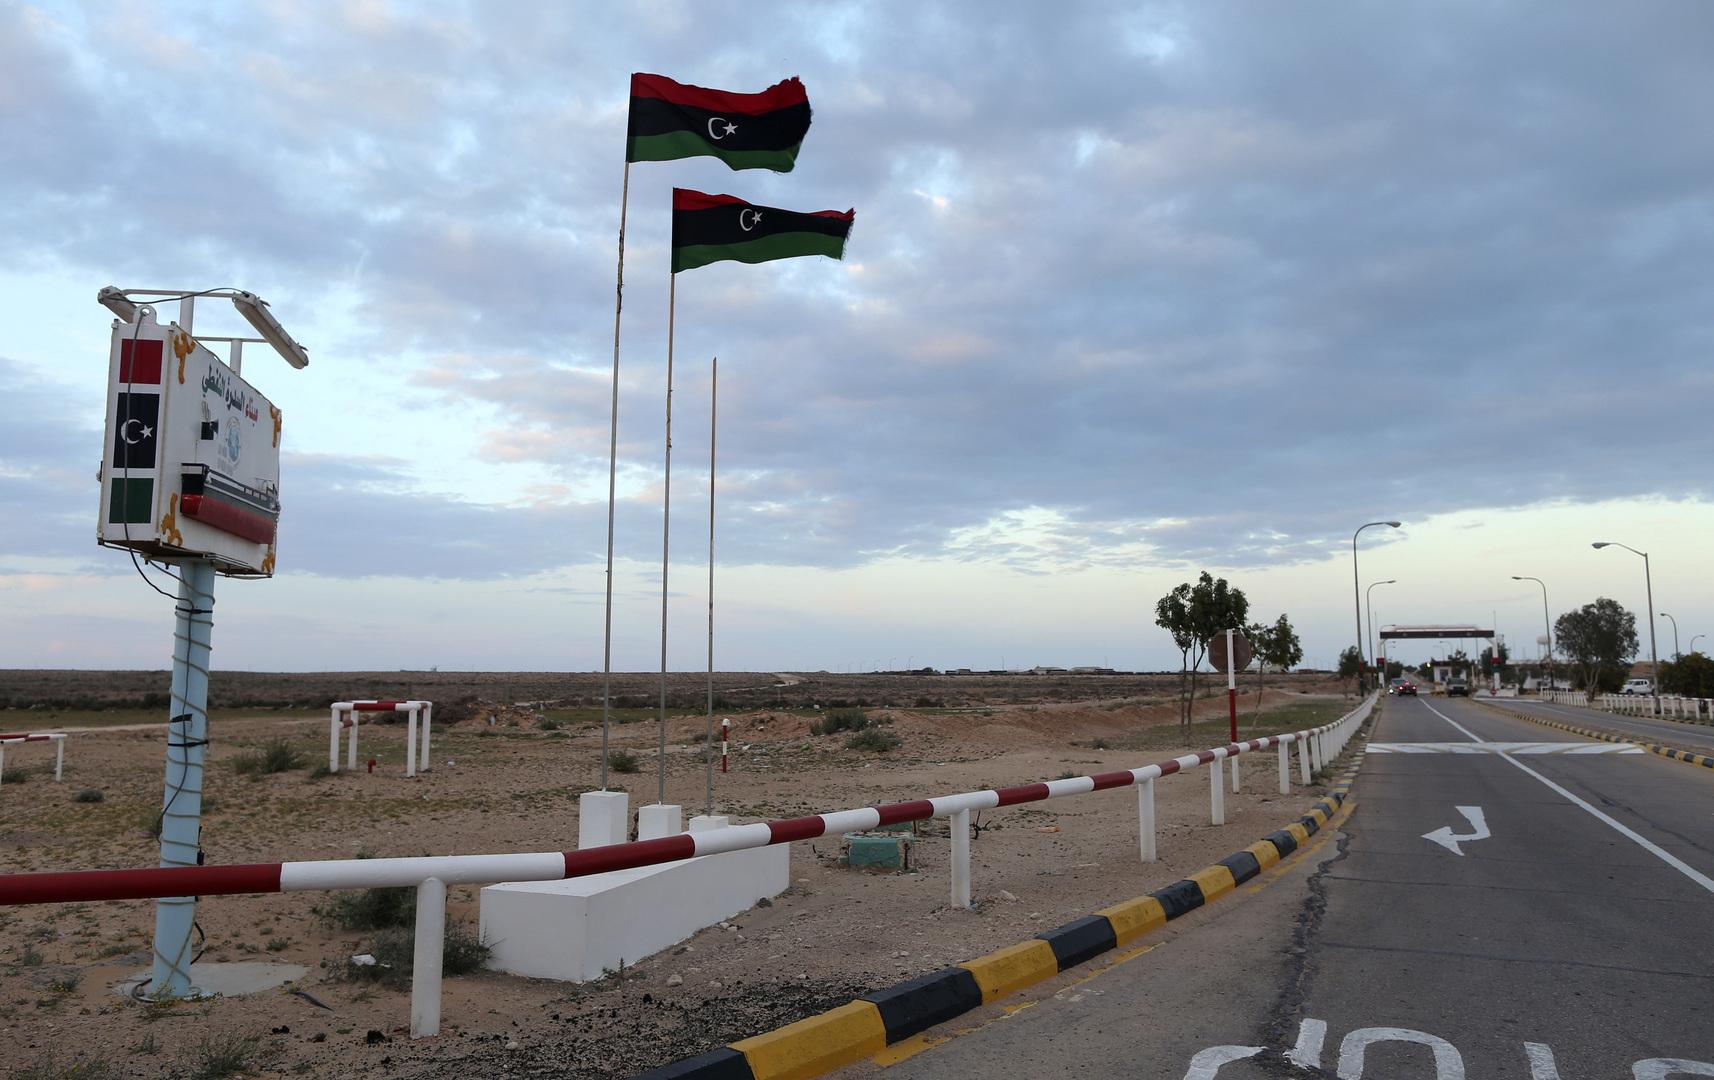 روسيا وتركيا تتفقان على مواصلة الجهود لتهدئة الوضع ووقف القتال في ليبيا